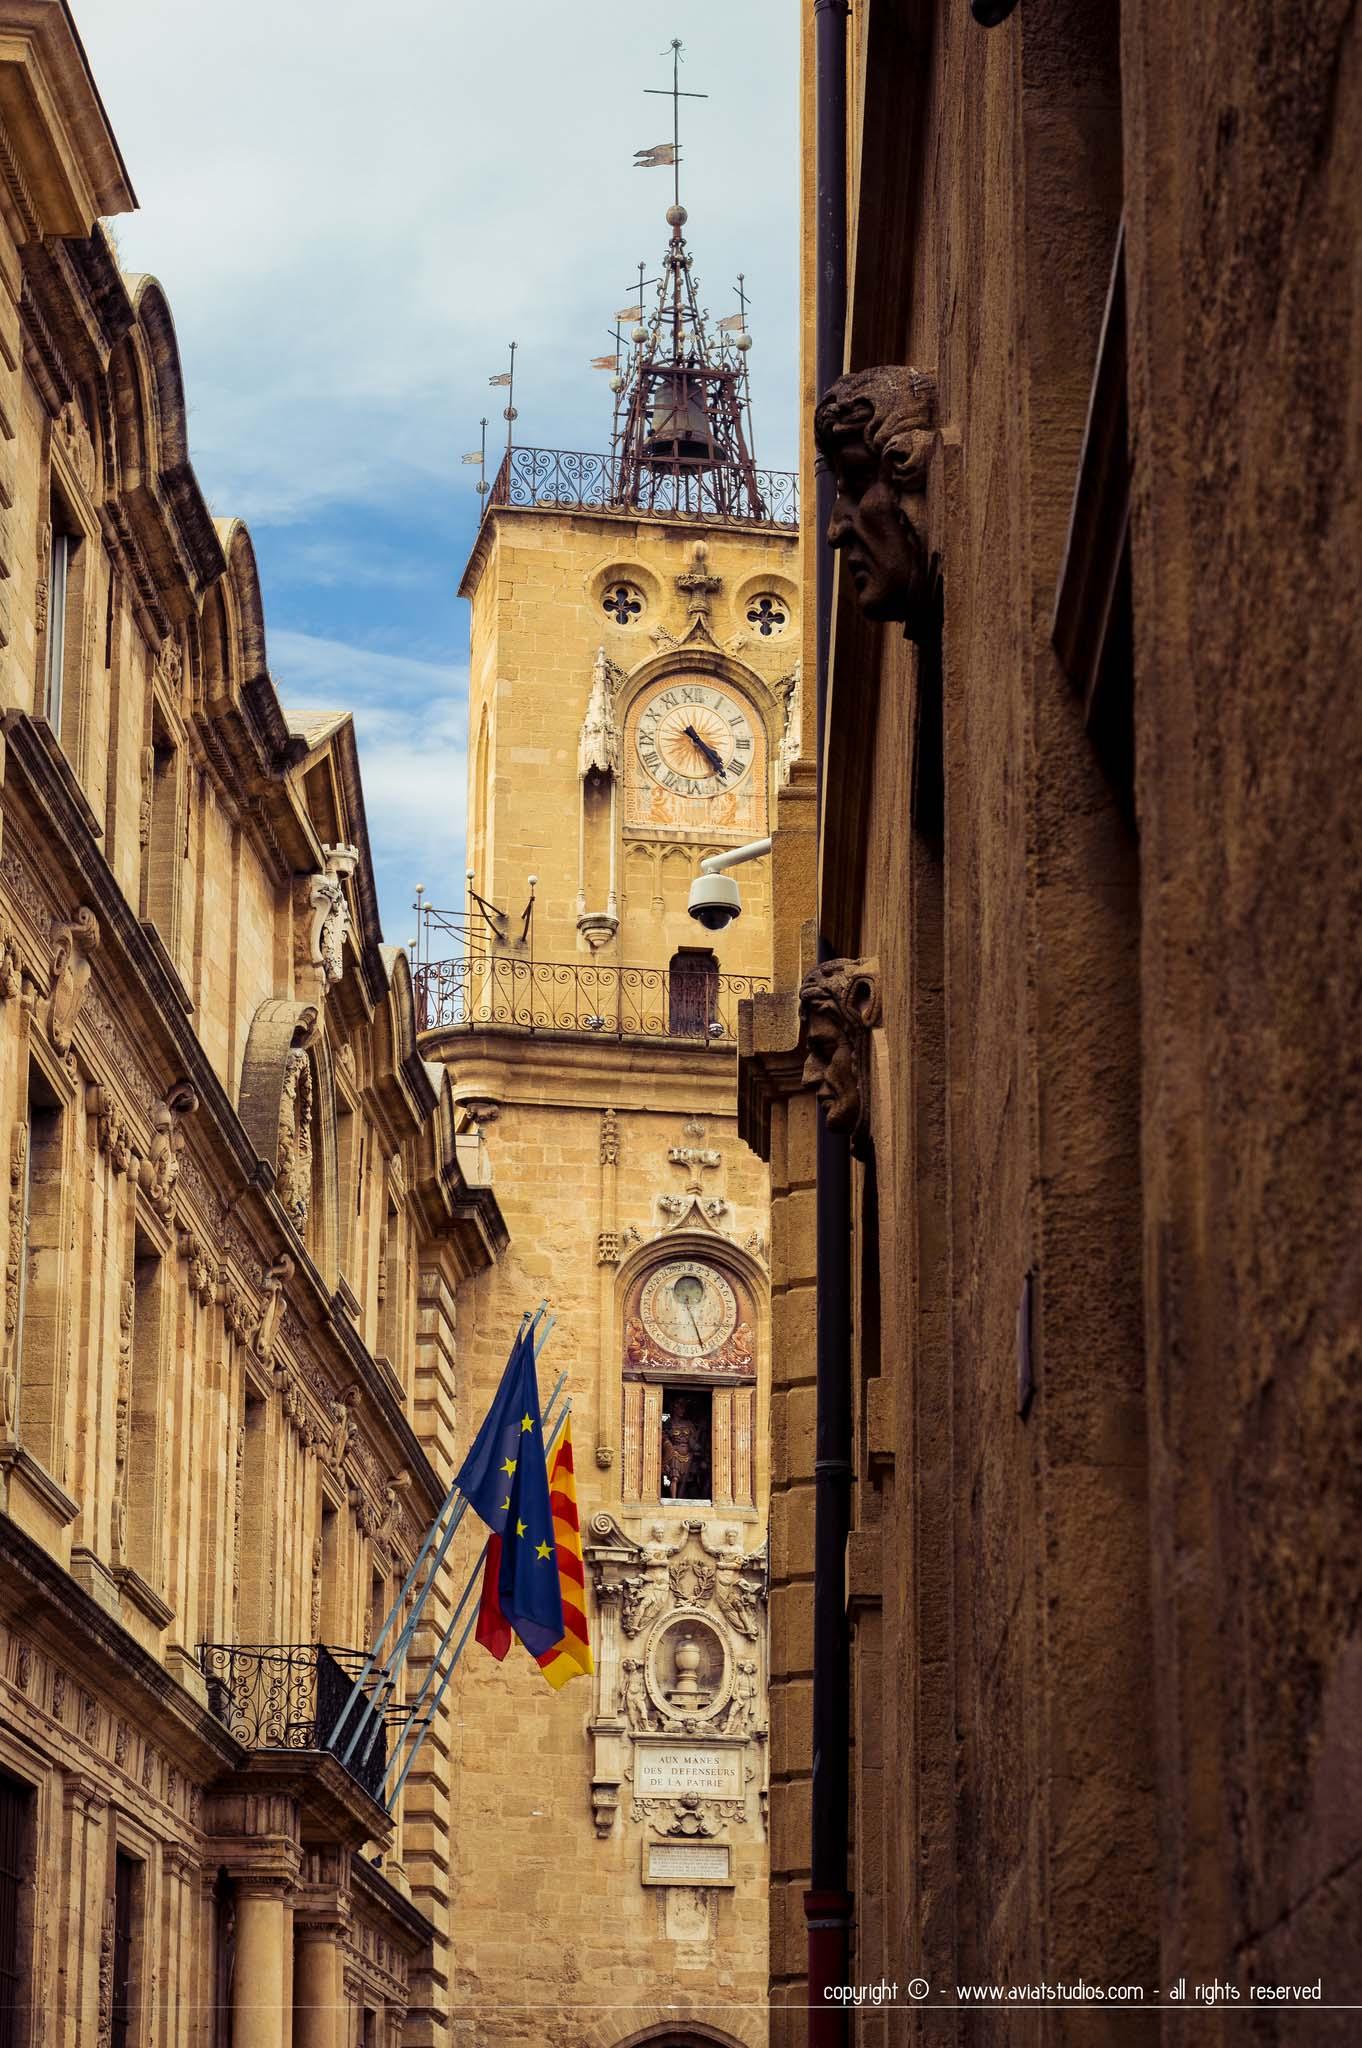 Clocher sur la place de l'hôtel de ville d'Aix-en-Provence